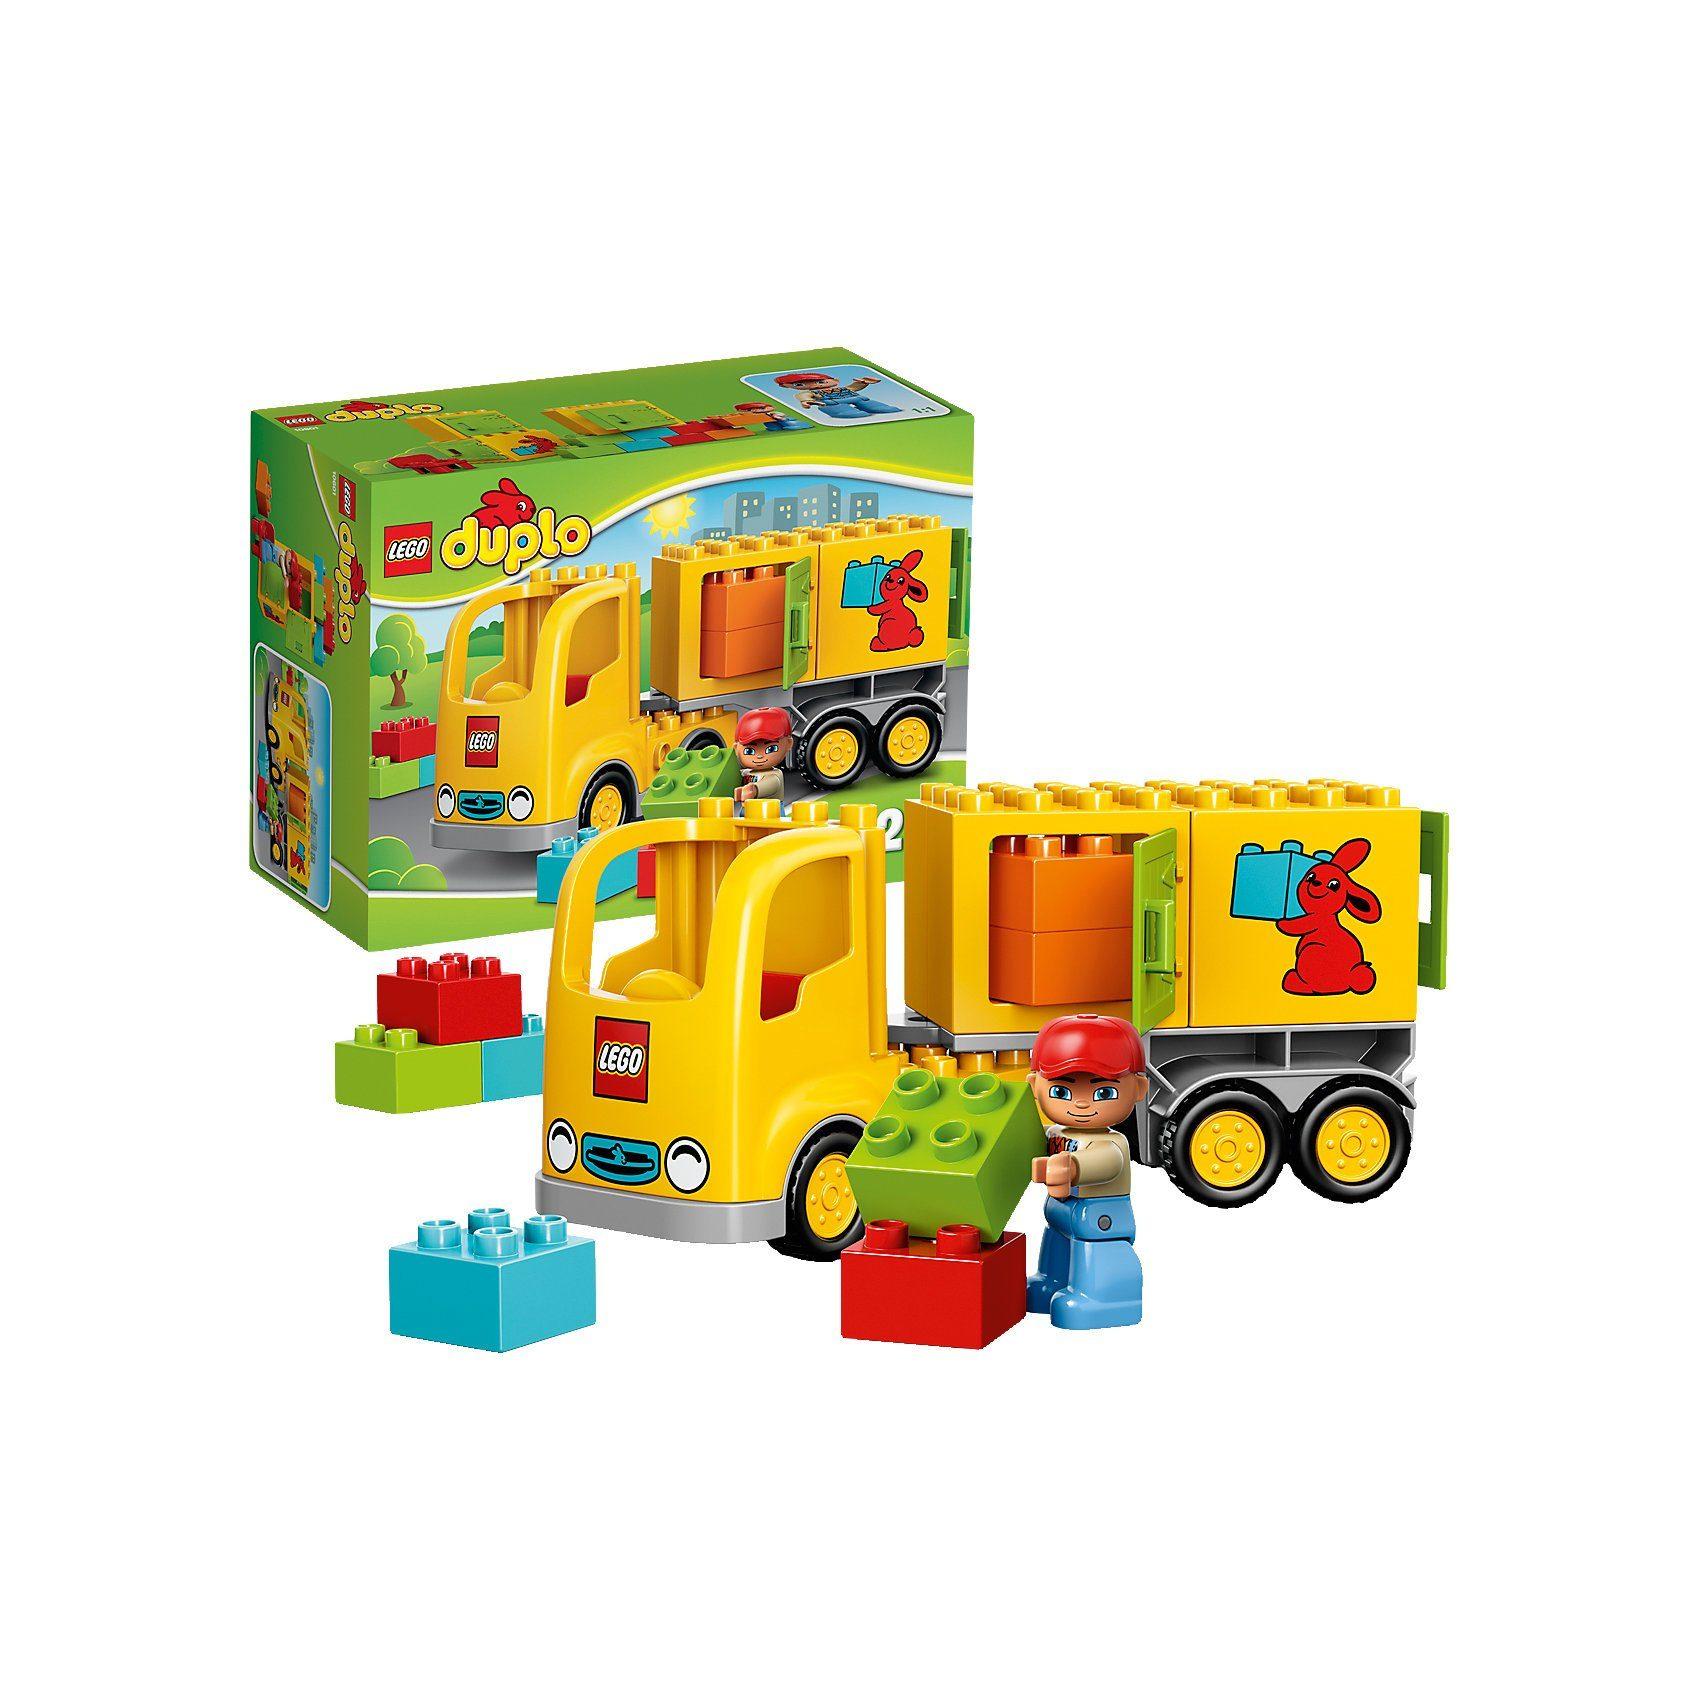 LEGO 10601 DUPLO: Lastwagen mit Anhänger